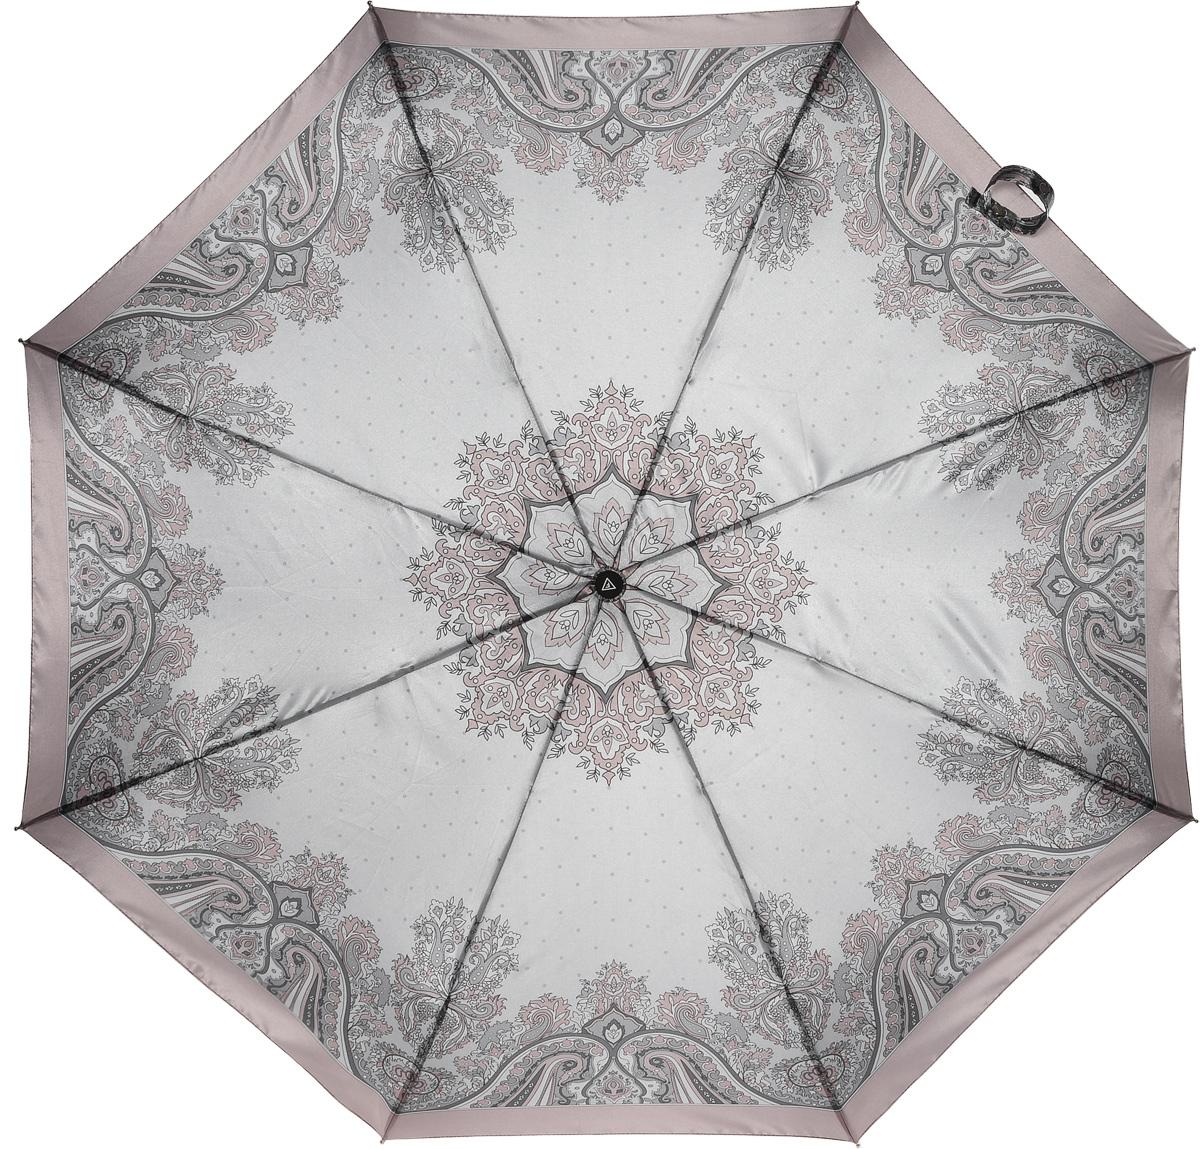 Зонт женский Fabretti, полный автомат, 3 сложения, цвет: мультиколор. S-16100-5S-16100-5Зонт женский Fabretti, суперавтомат, 3 сложения, сатин